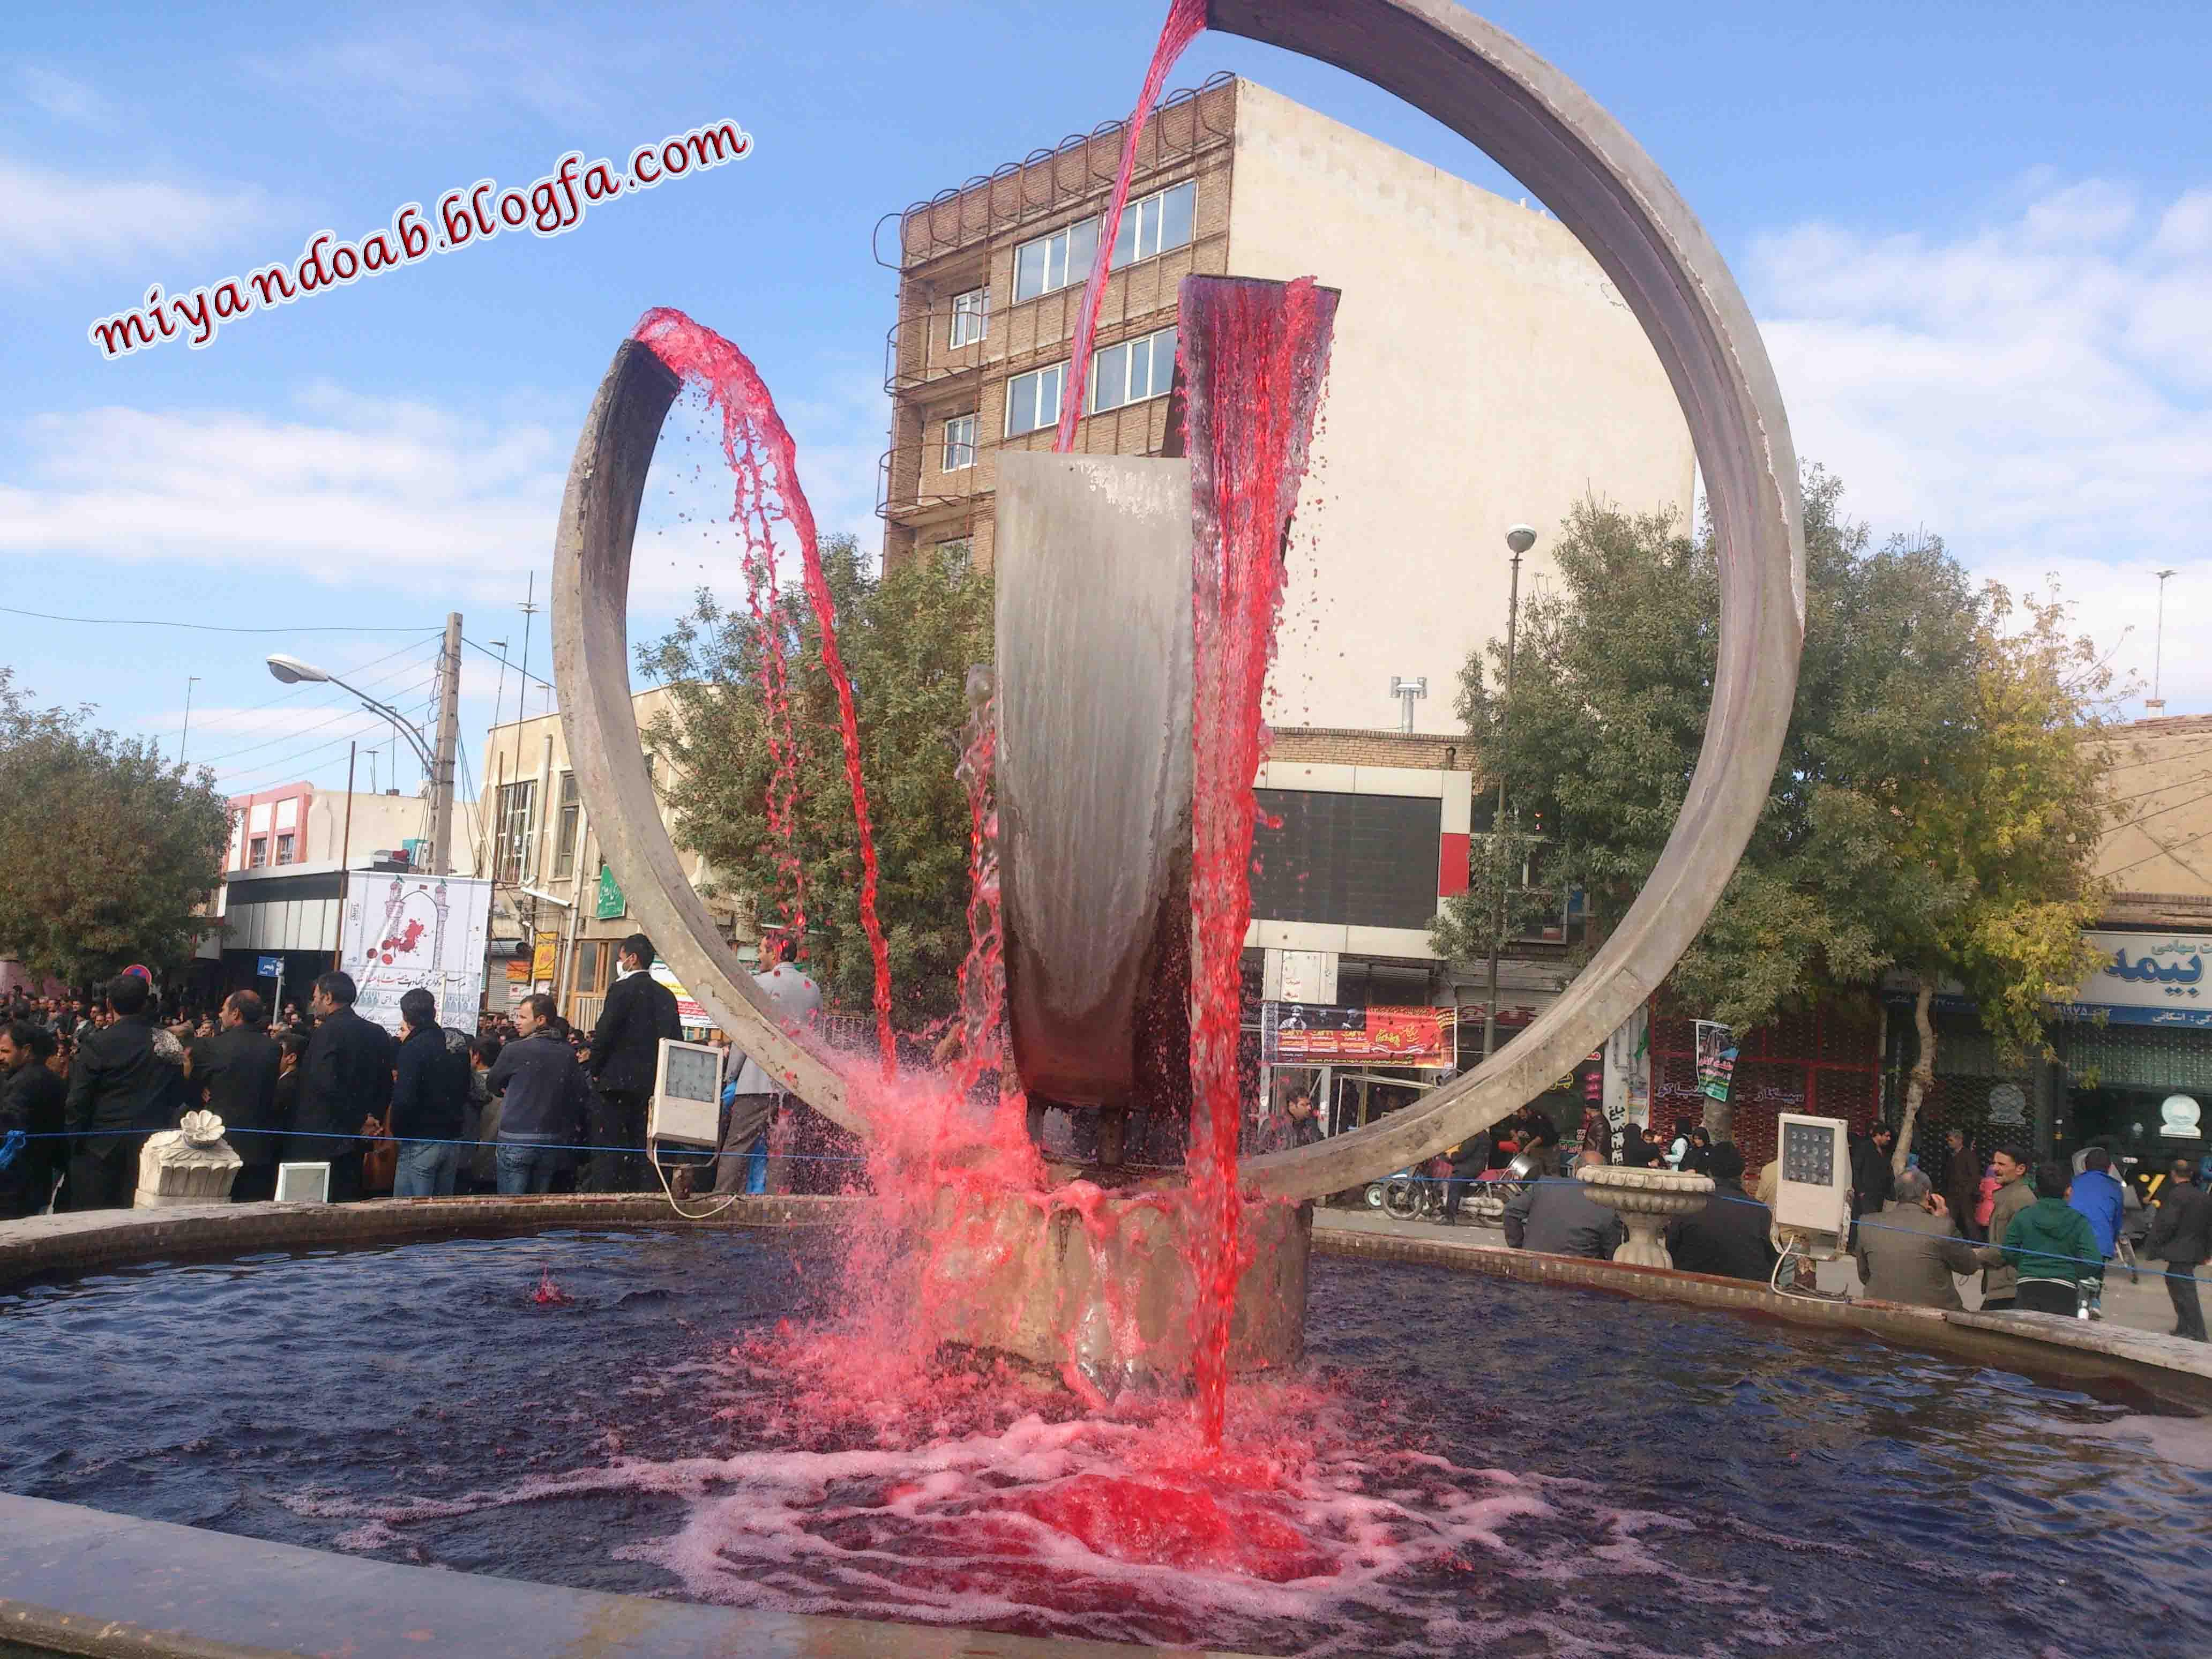 میدان امام شهرستان میاندوآب&عاشورا در میاندوآب